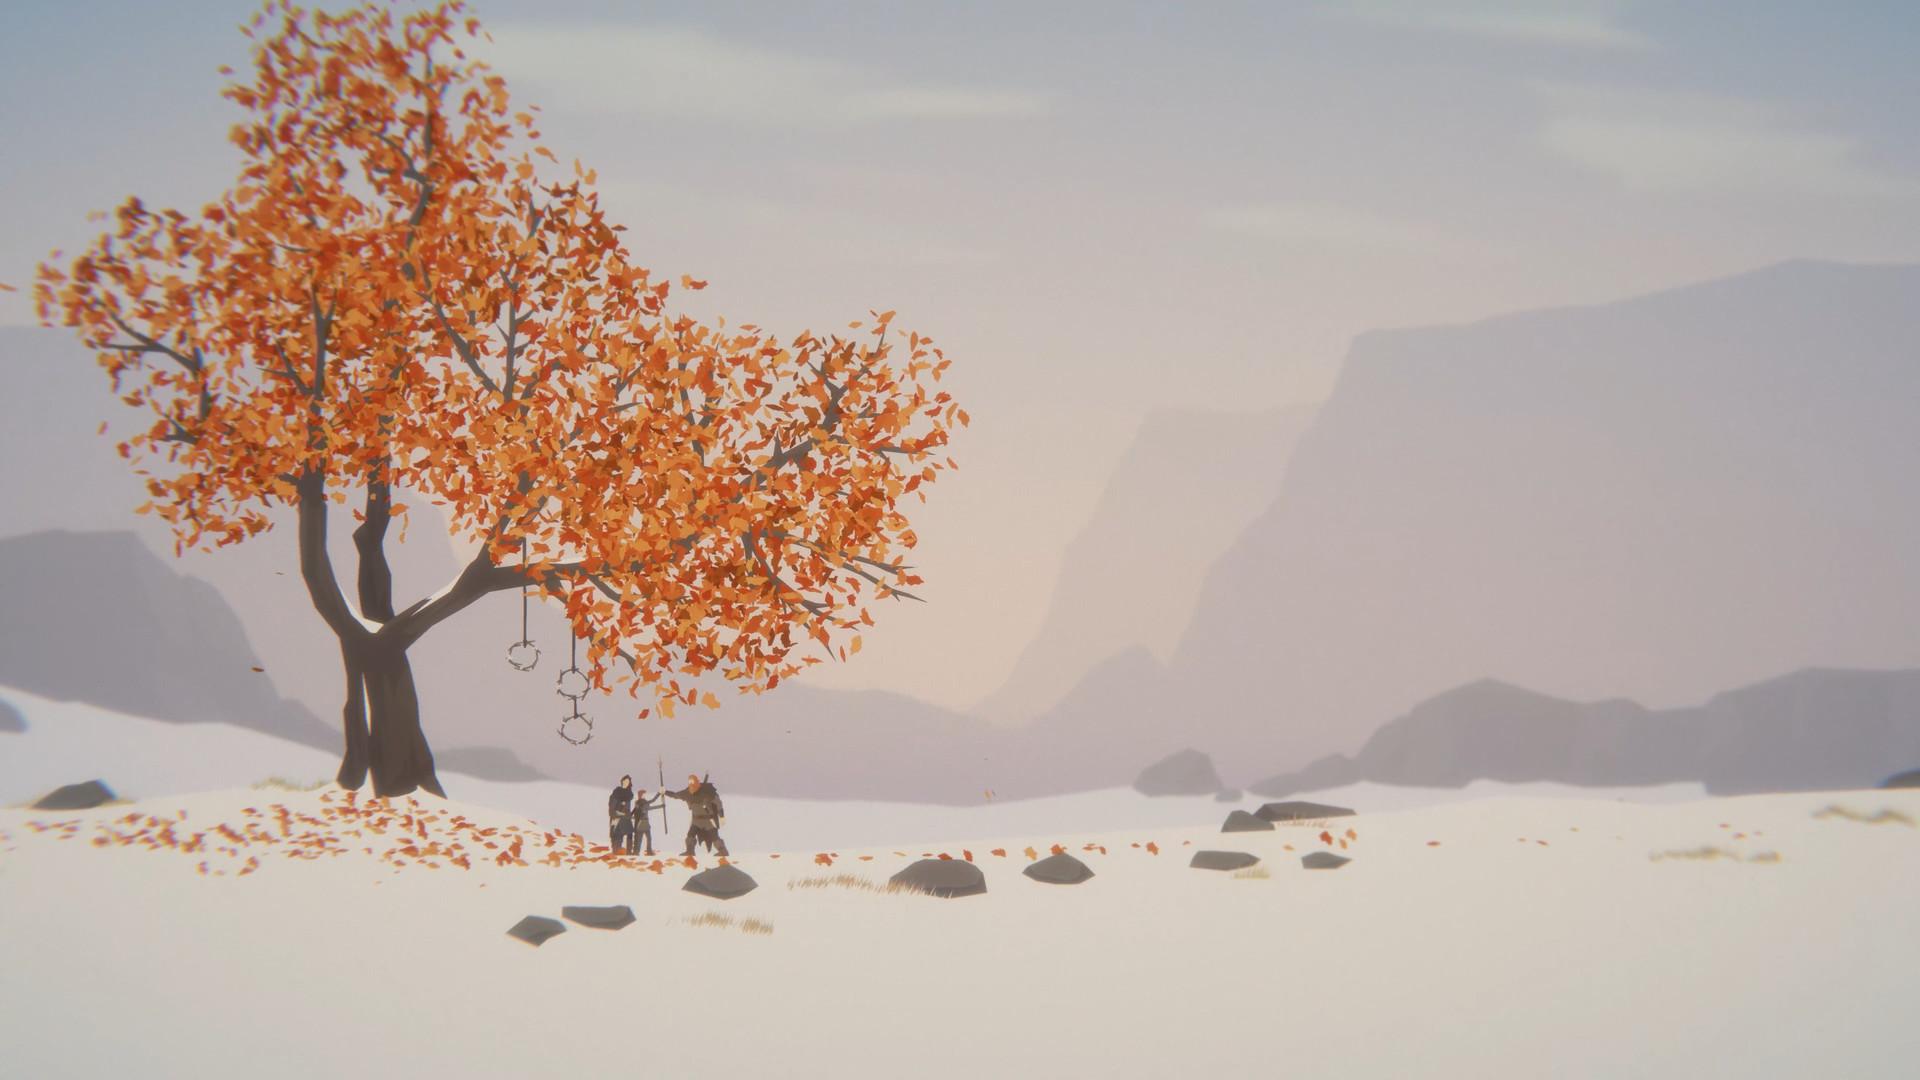 手绘风冒险游戏《Unto The End》12月9日发售 登陆PC/PS4/XB1